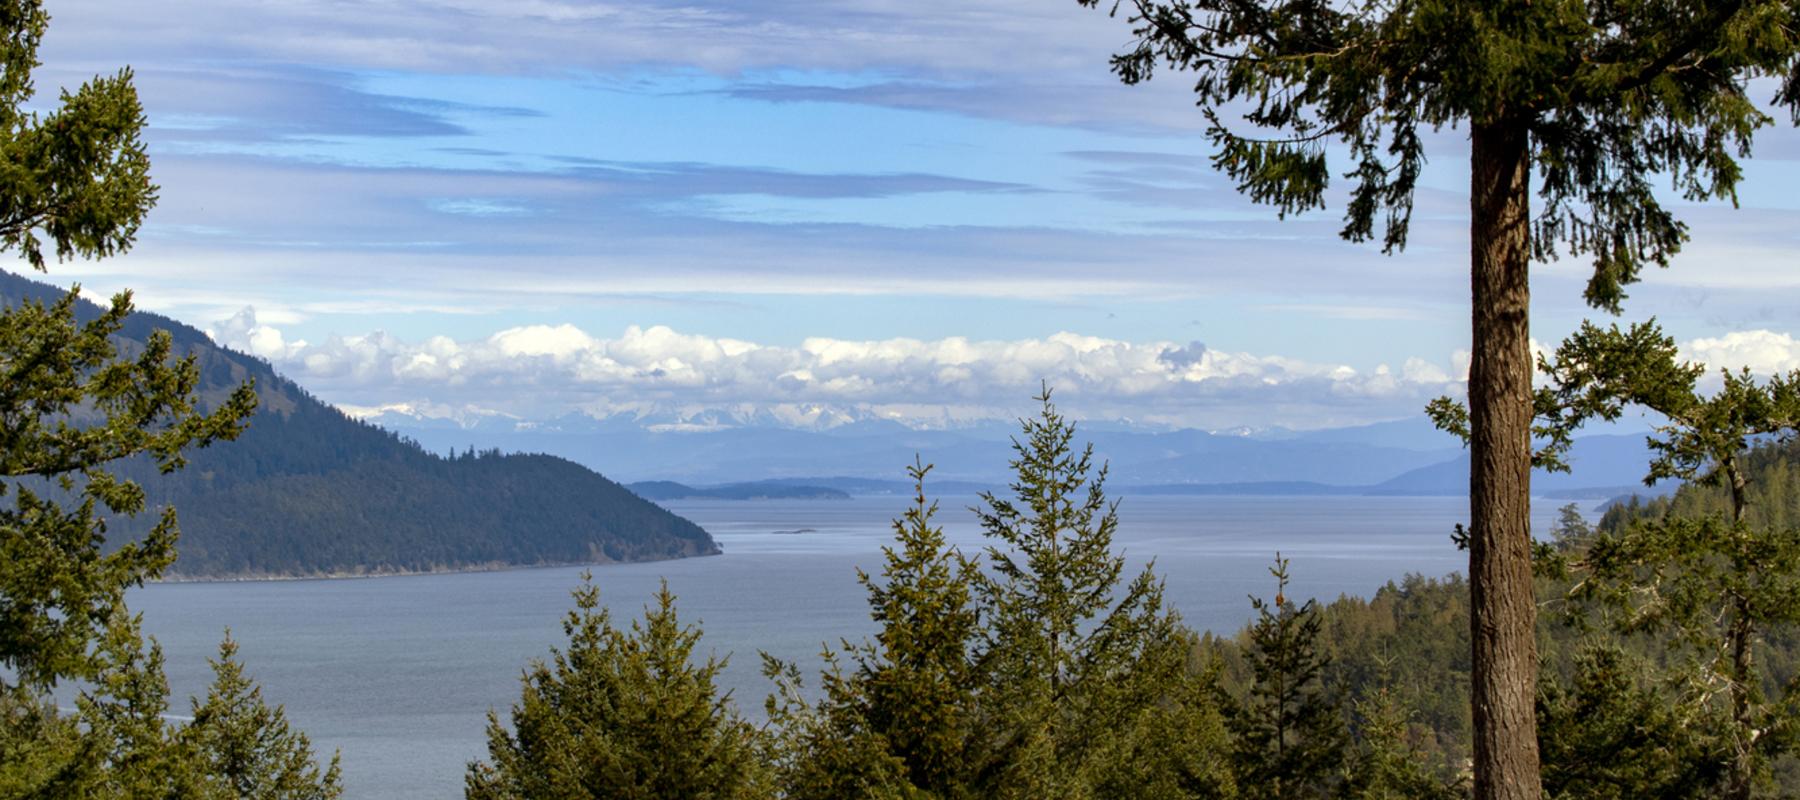 Ocean View, Pender Island